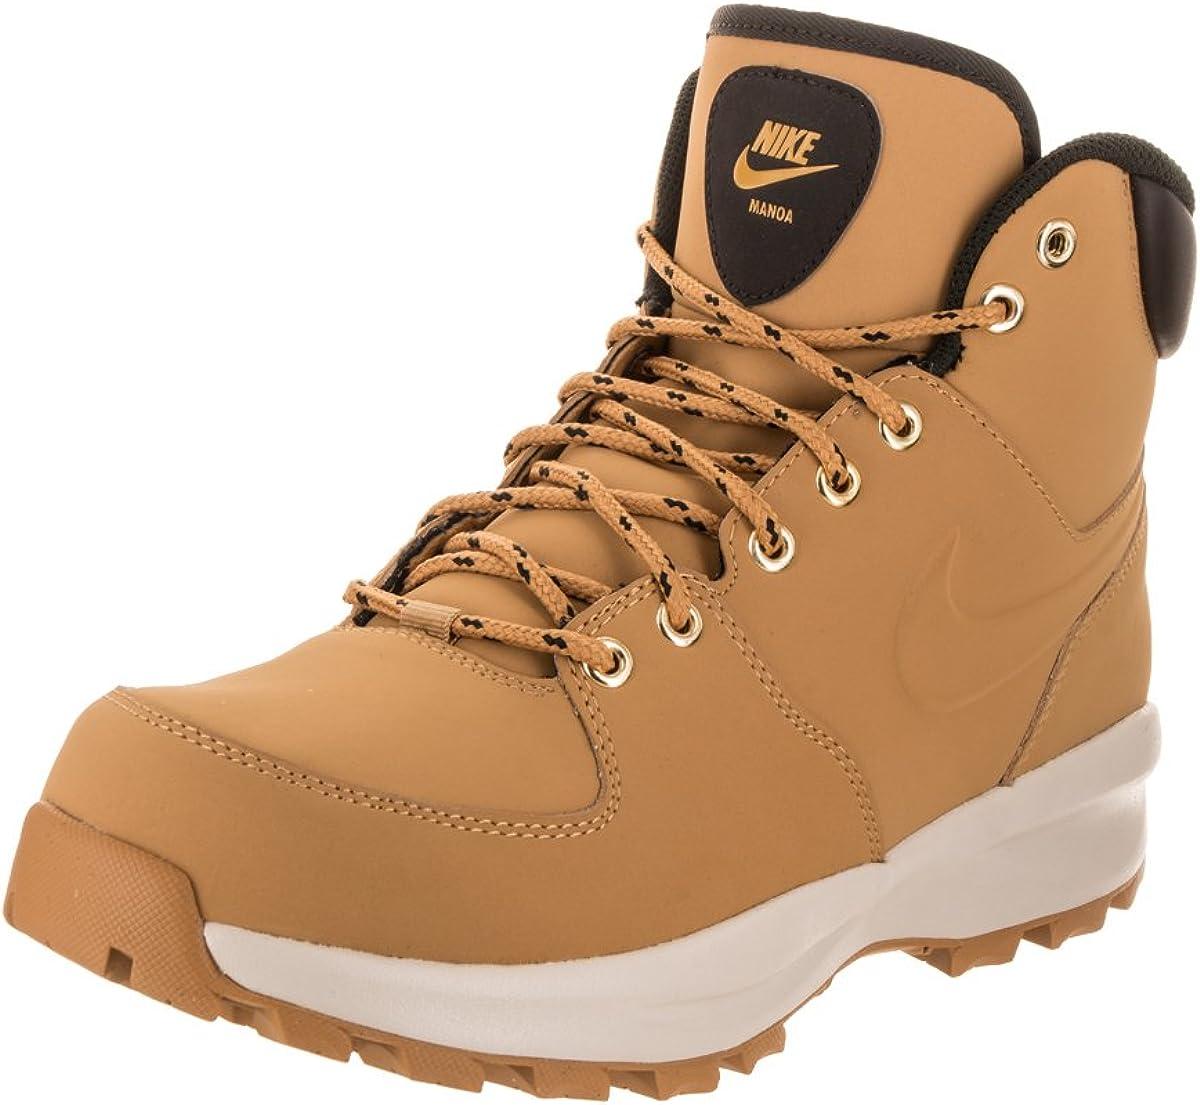 Nike 454350 700, Zapatos de Escalada Hombre, Talla única